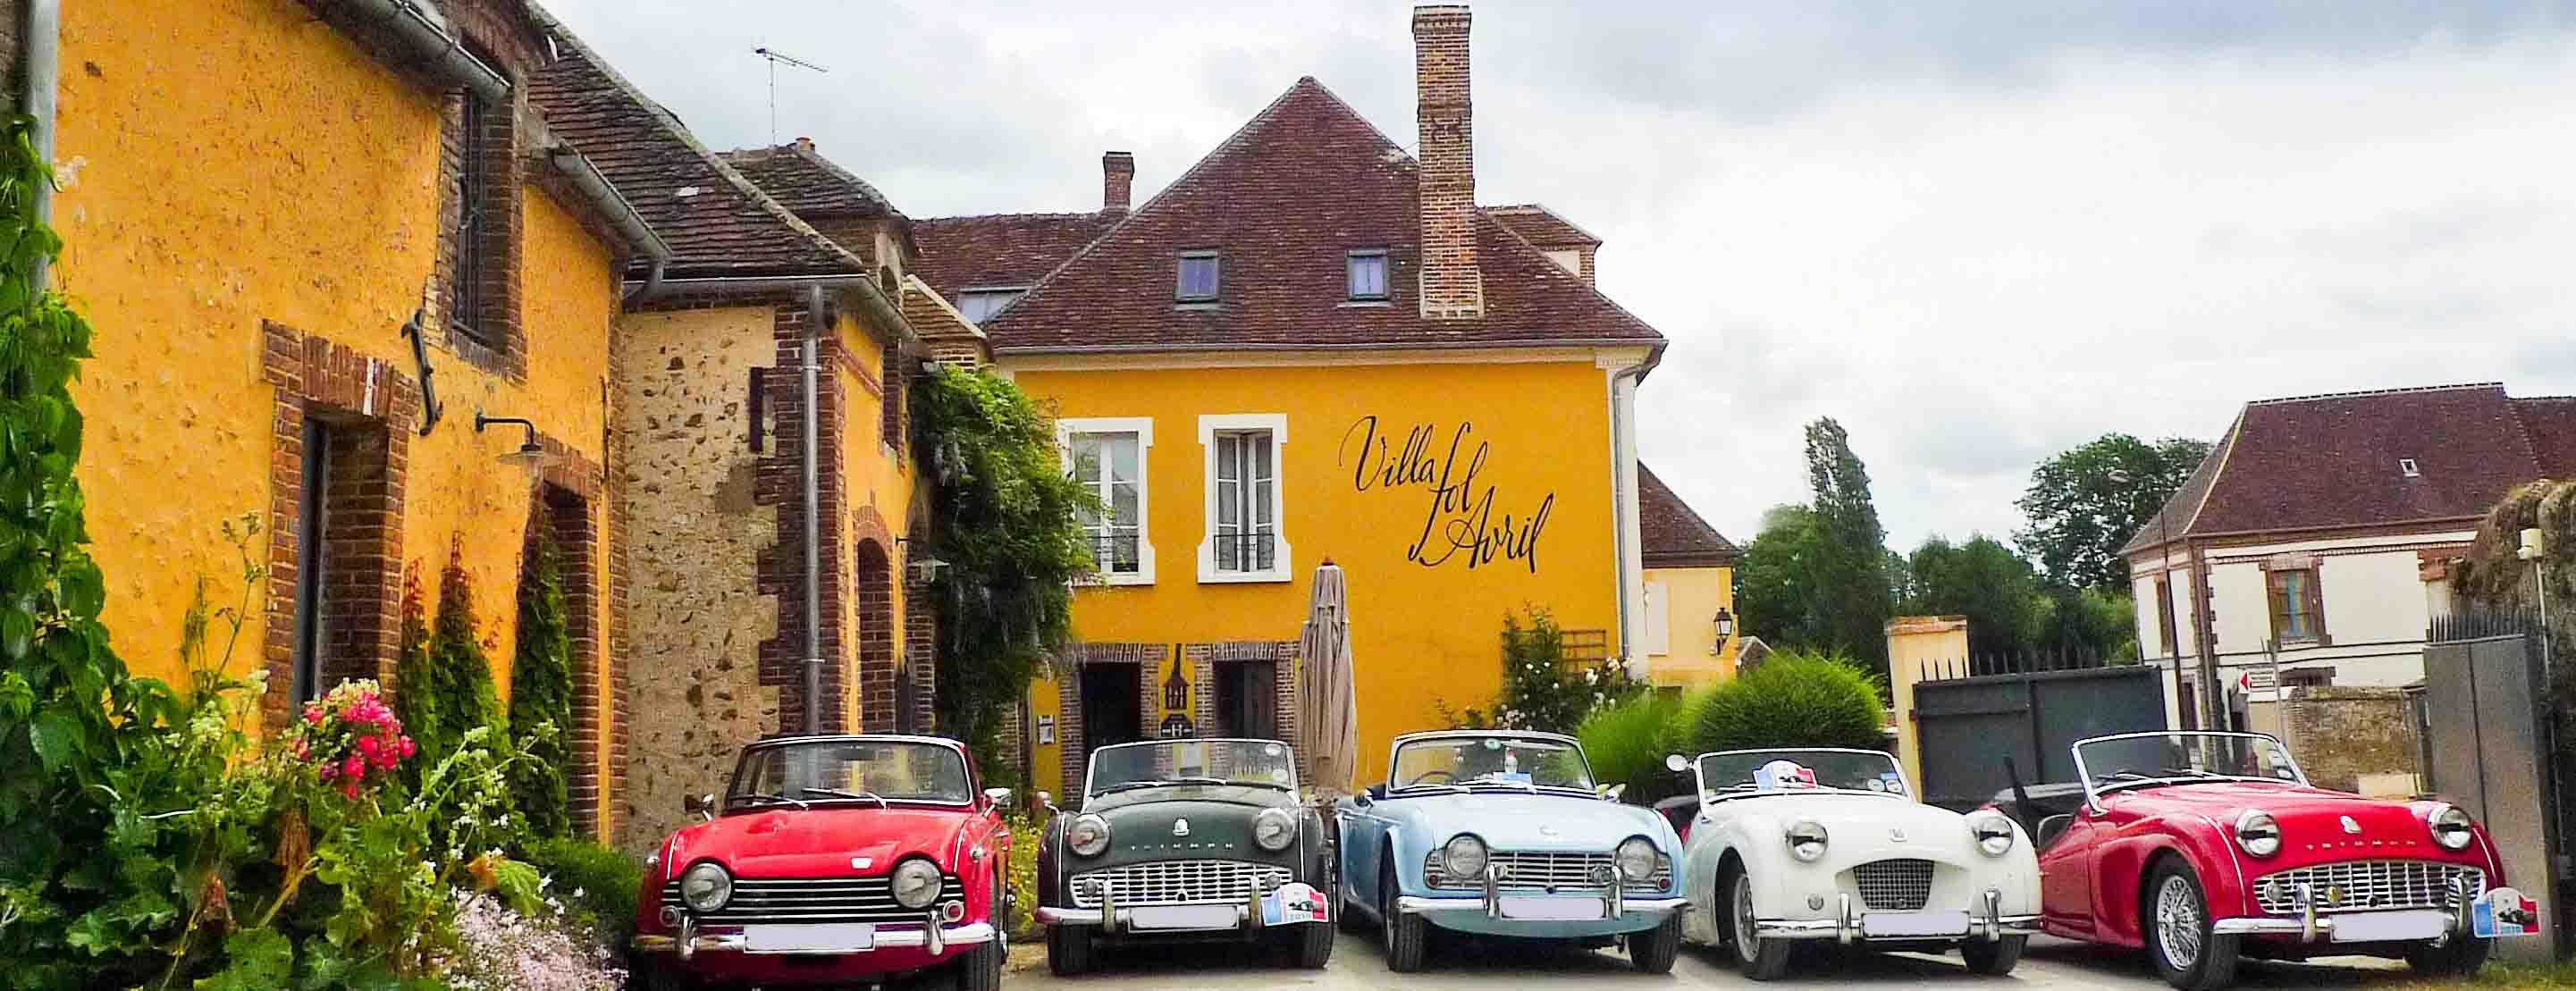 Villa fol Avril voitures de collection classic cars